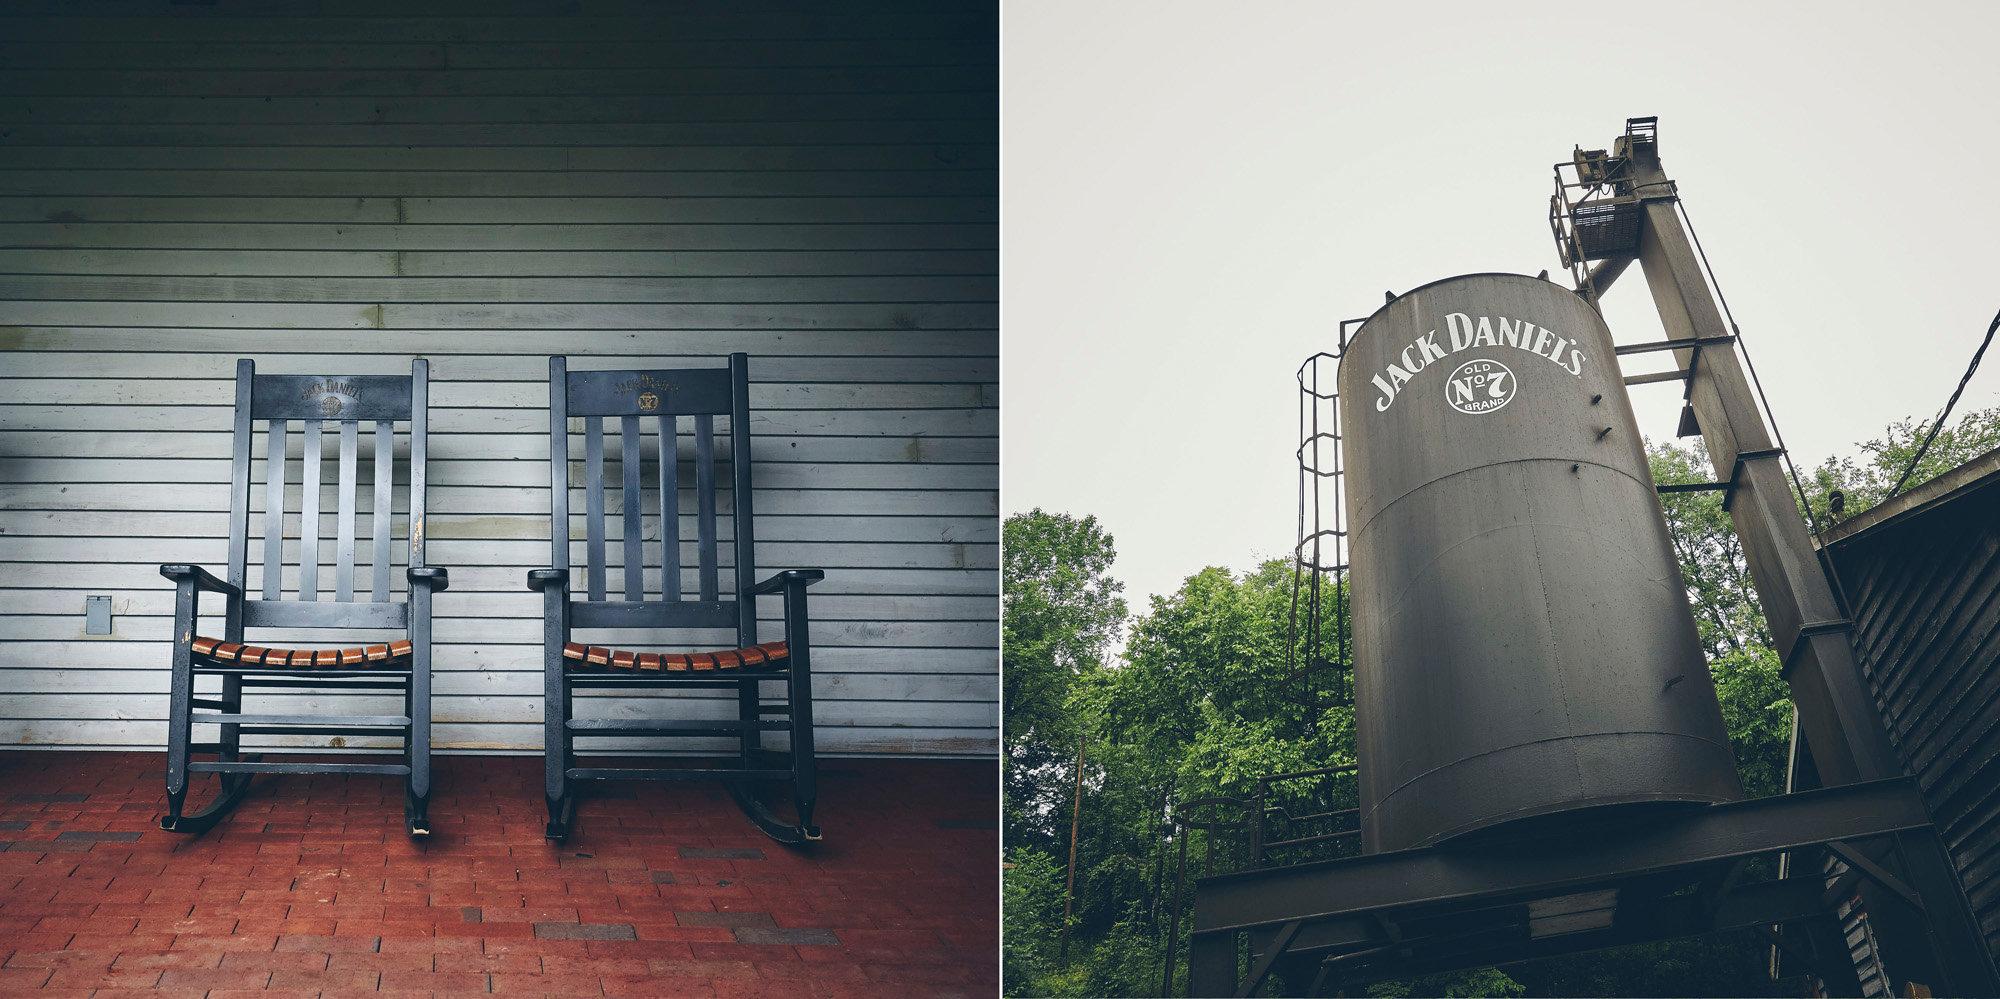 Jack Daniels (Tennessee) - USA